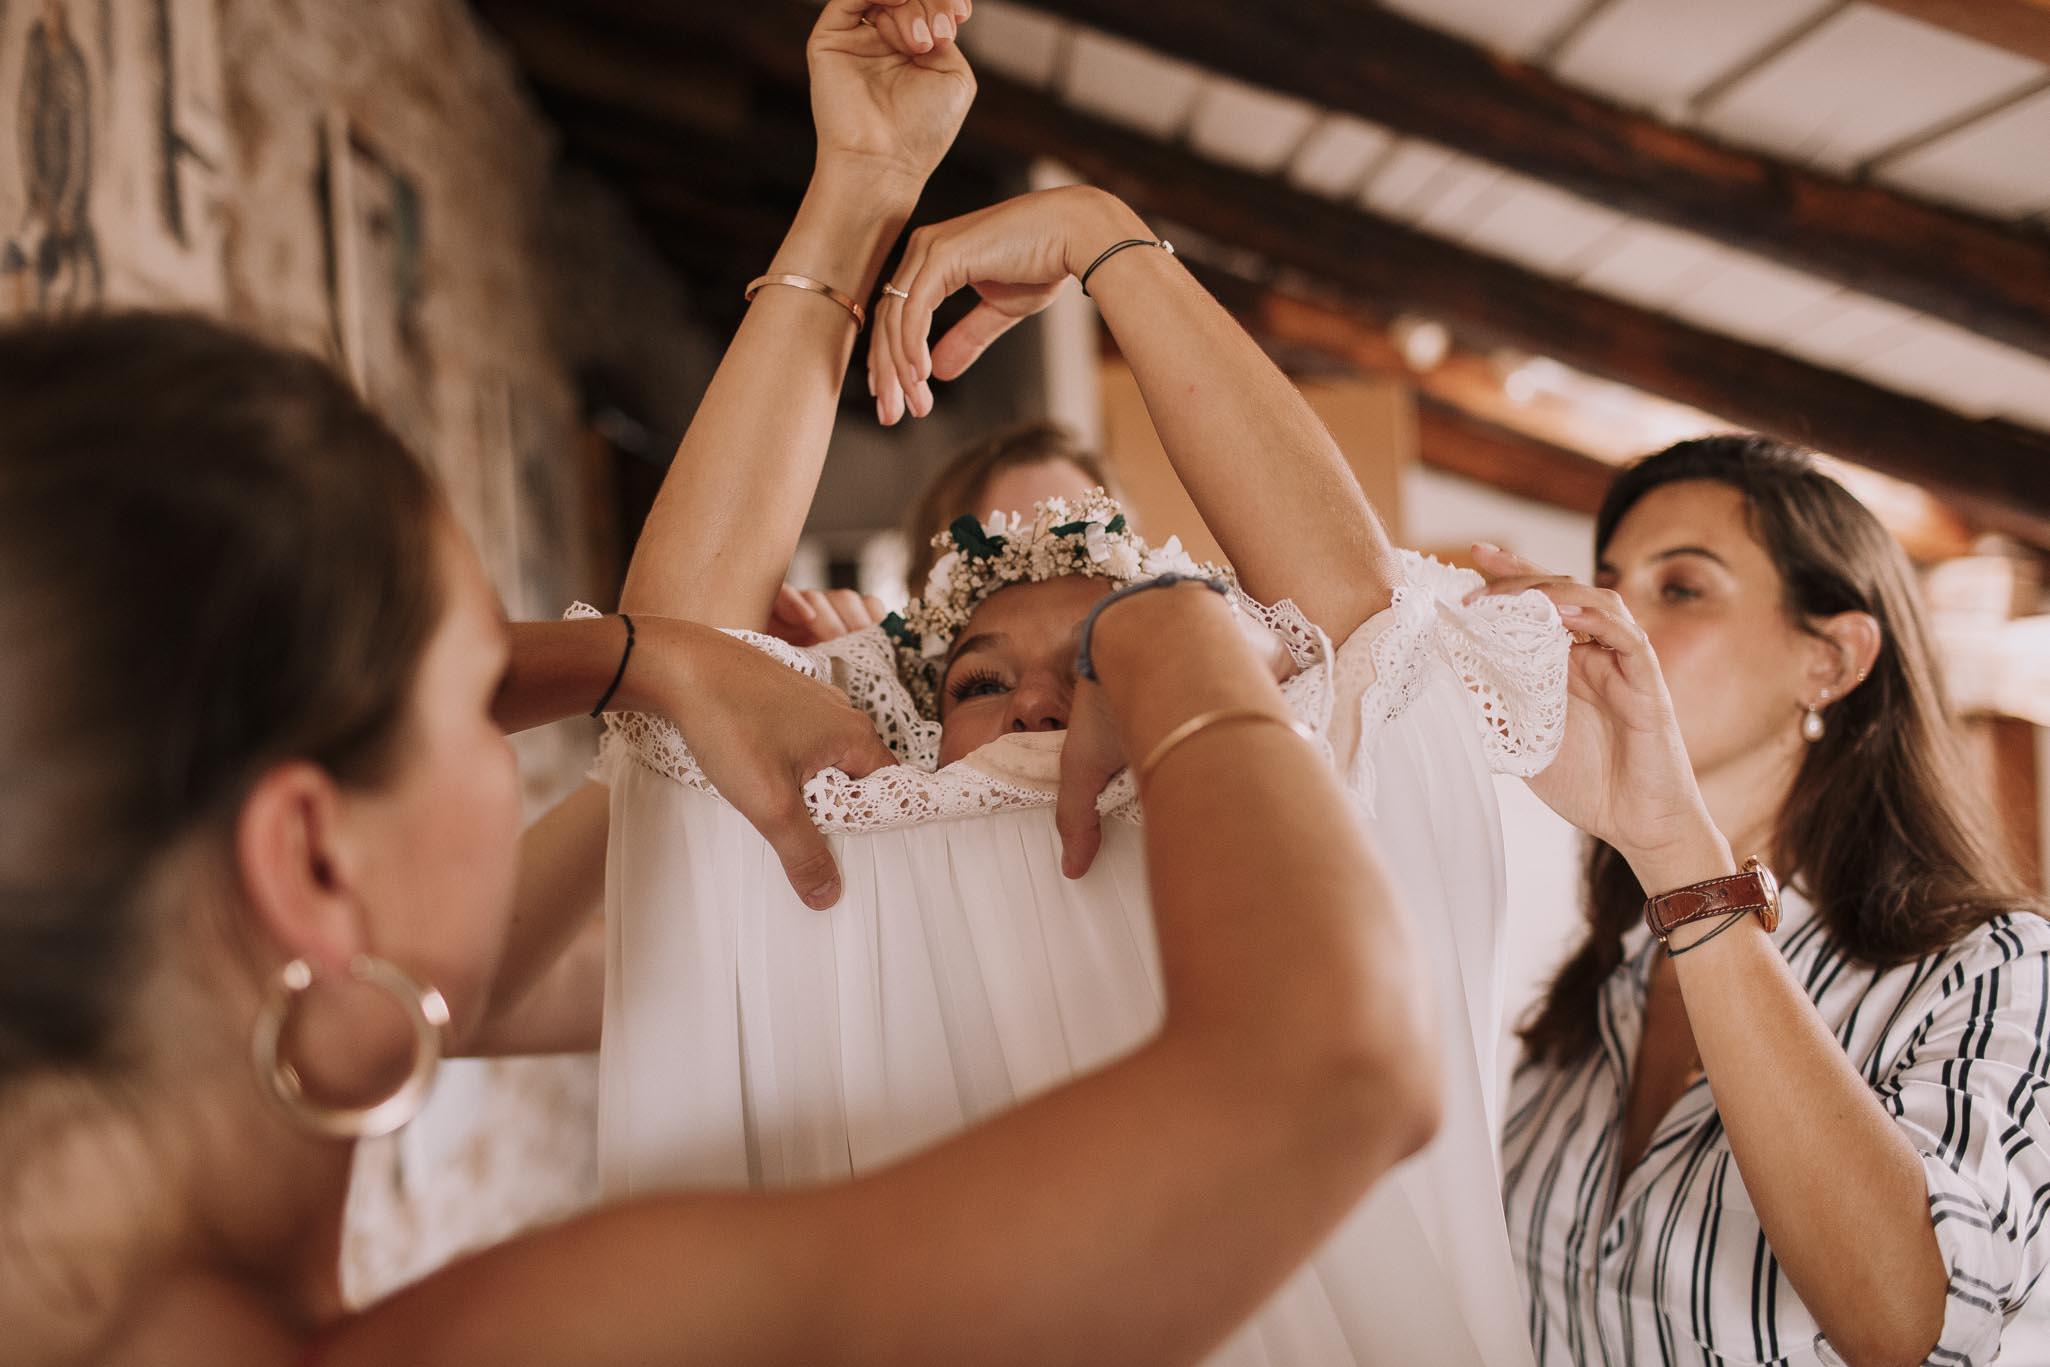 Photographe-mariage-bordeaux-jeremy-boyer-pays-basque-ihartze-artea-sare-robe-eleonore-pauc-couple-amour-31.jpg